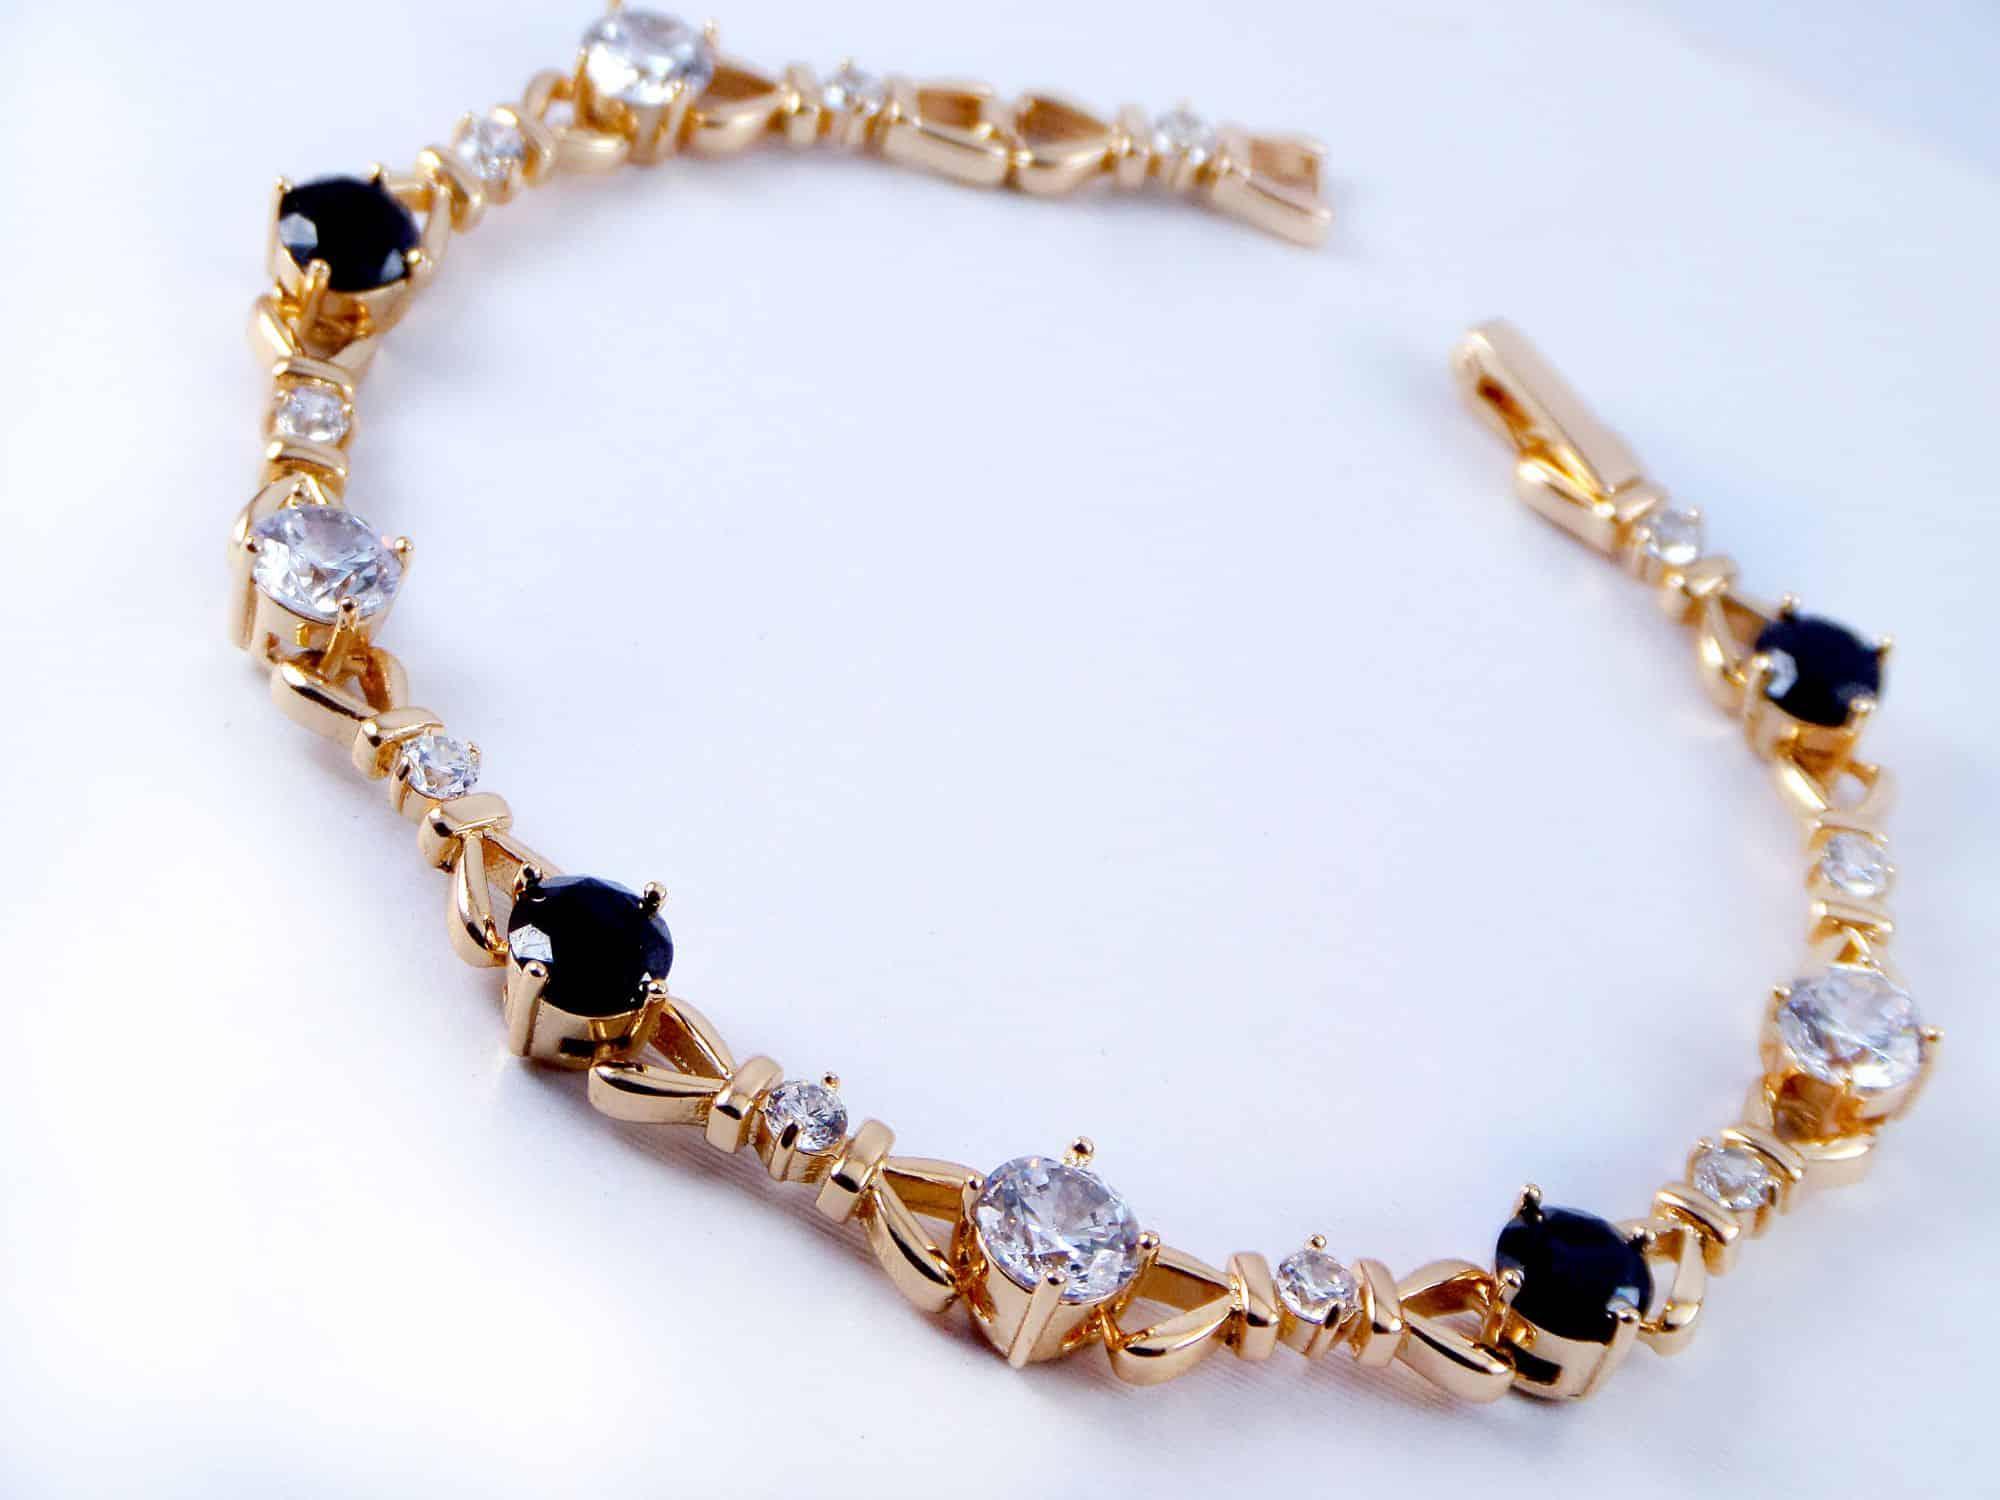 دستبند دخترانه ژوپینگ با نگین های کریستالی سفید و مشکی DS-N156 از نمای بالا